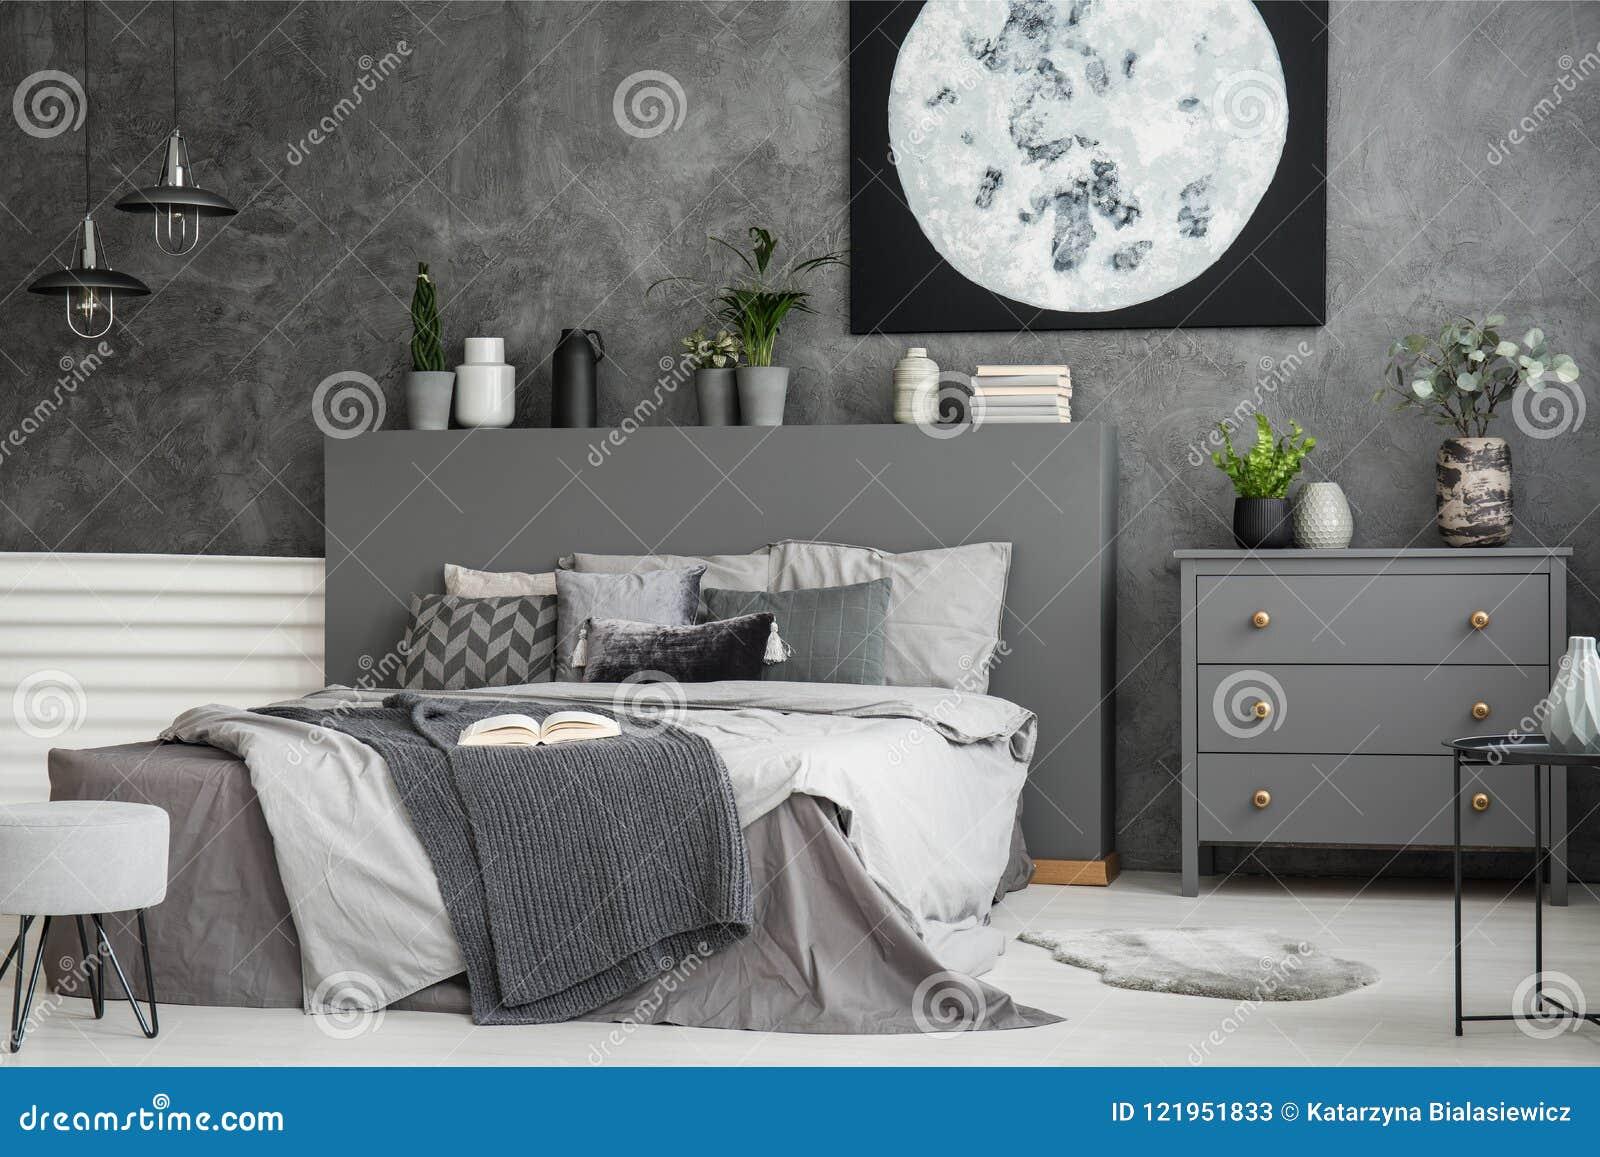 Parete Grigia Camera Da Letto moon la tela su una parete grigia in una camera da letto